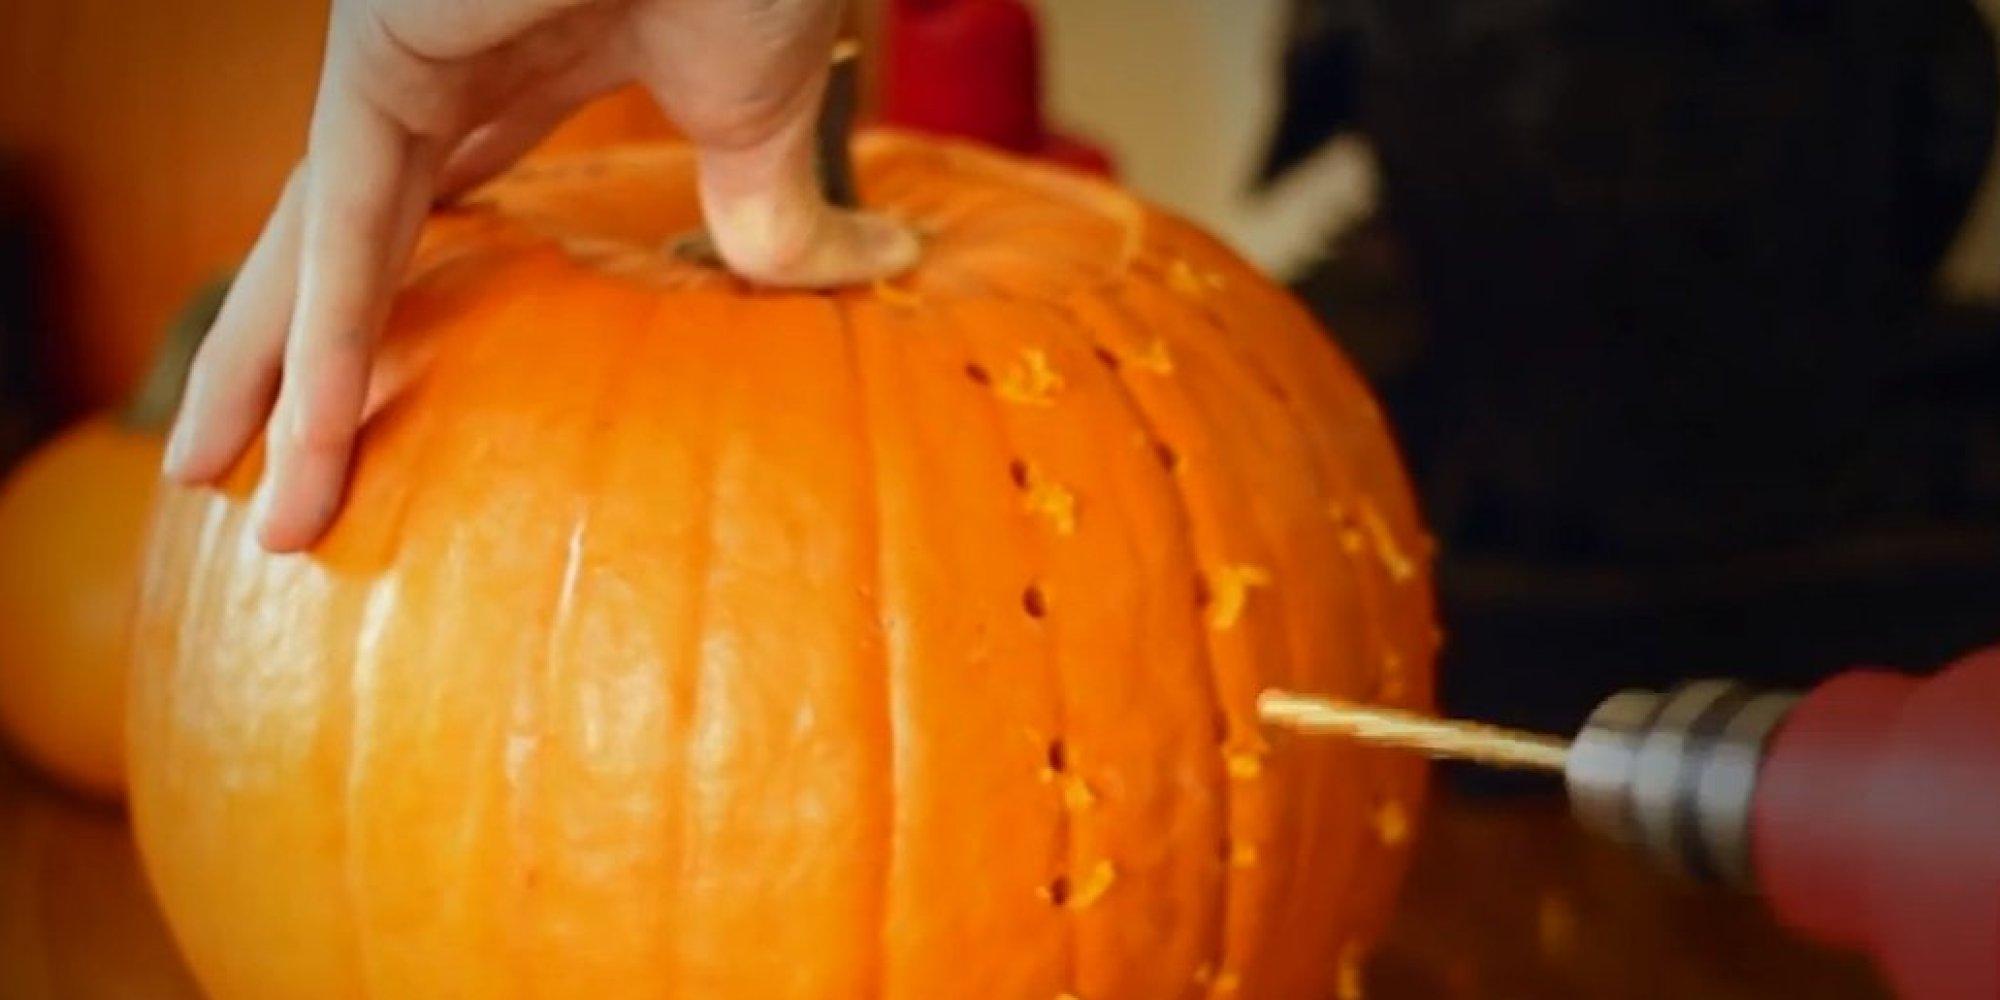 Pumpkin Carving Hacks That